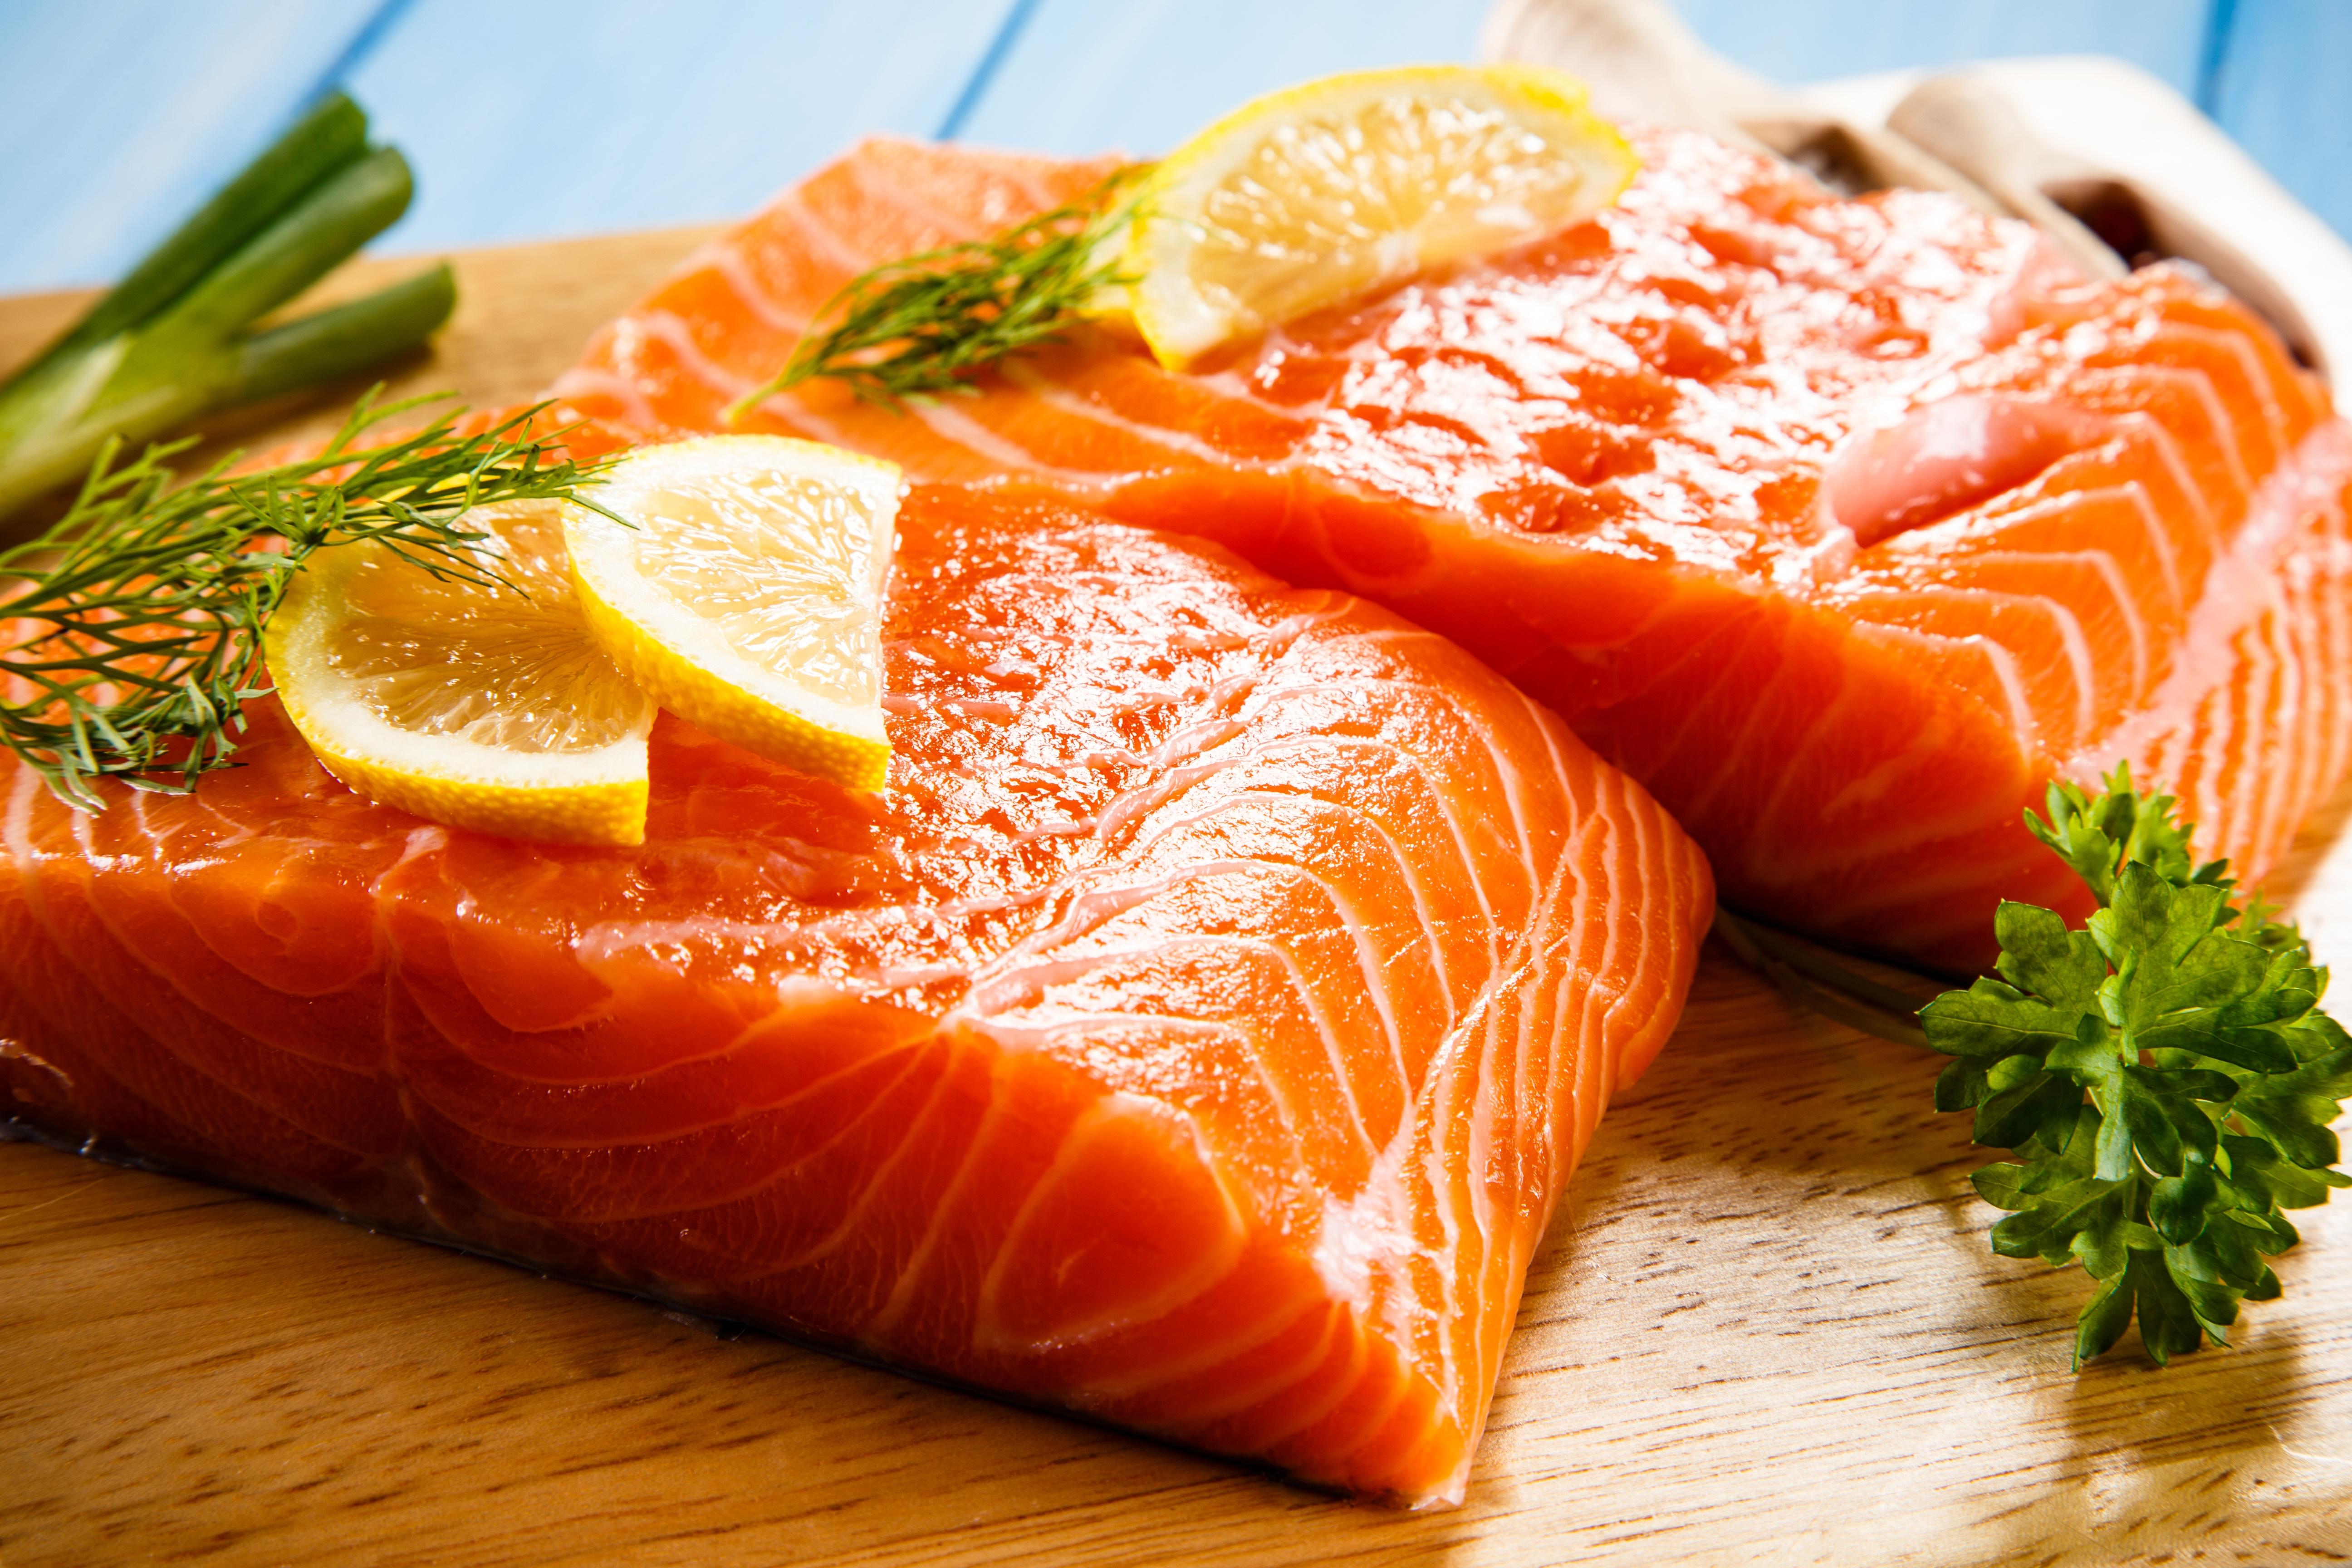 Salmon fillets 2